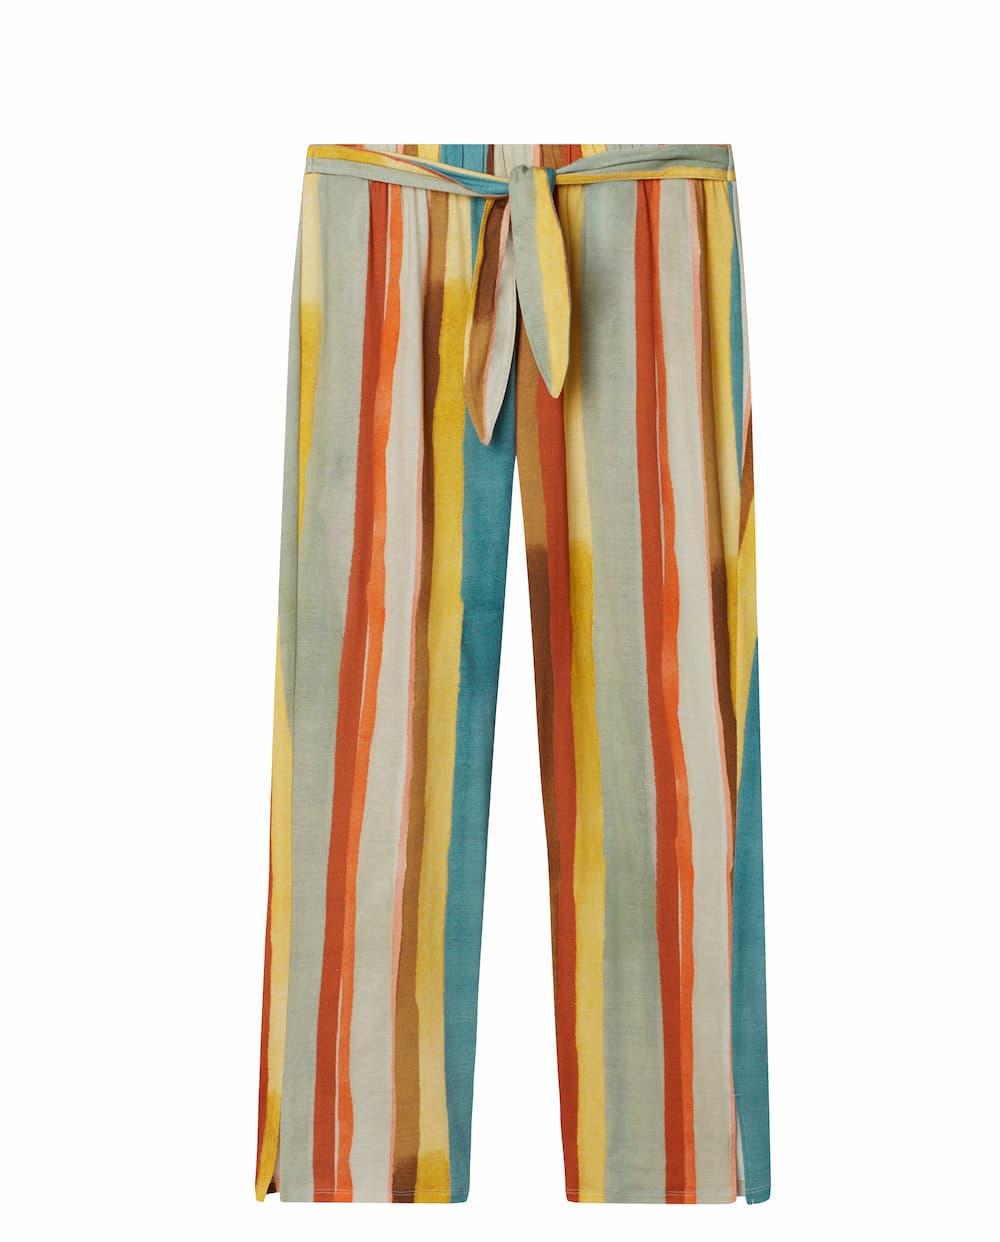 Color Stripes ウルトラフレッシュ スーピマコットン® パンツ 6,990円(税込)/Intimissimi(インティミッシミ)